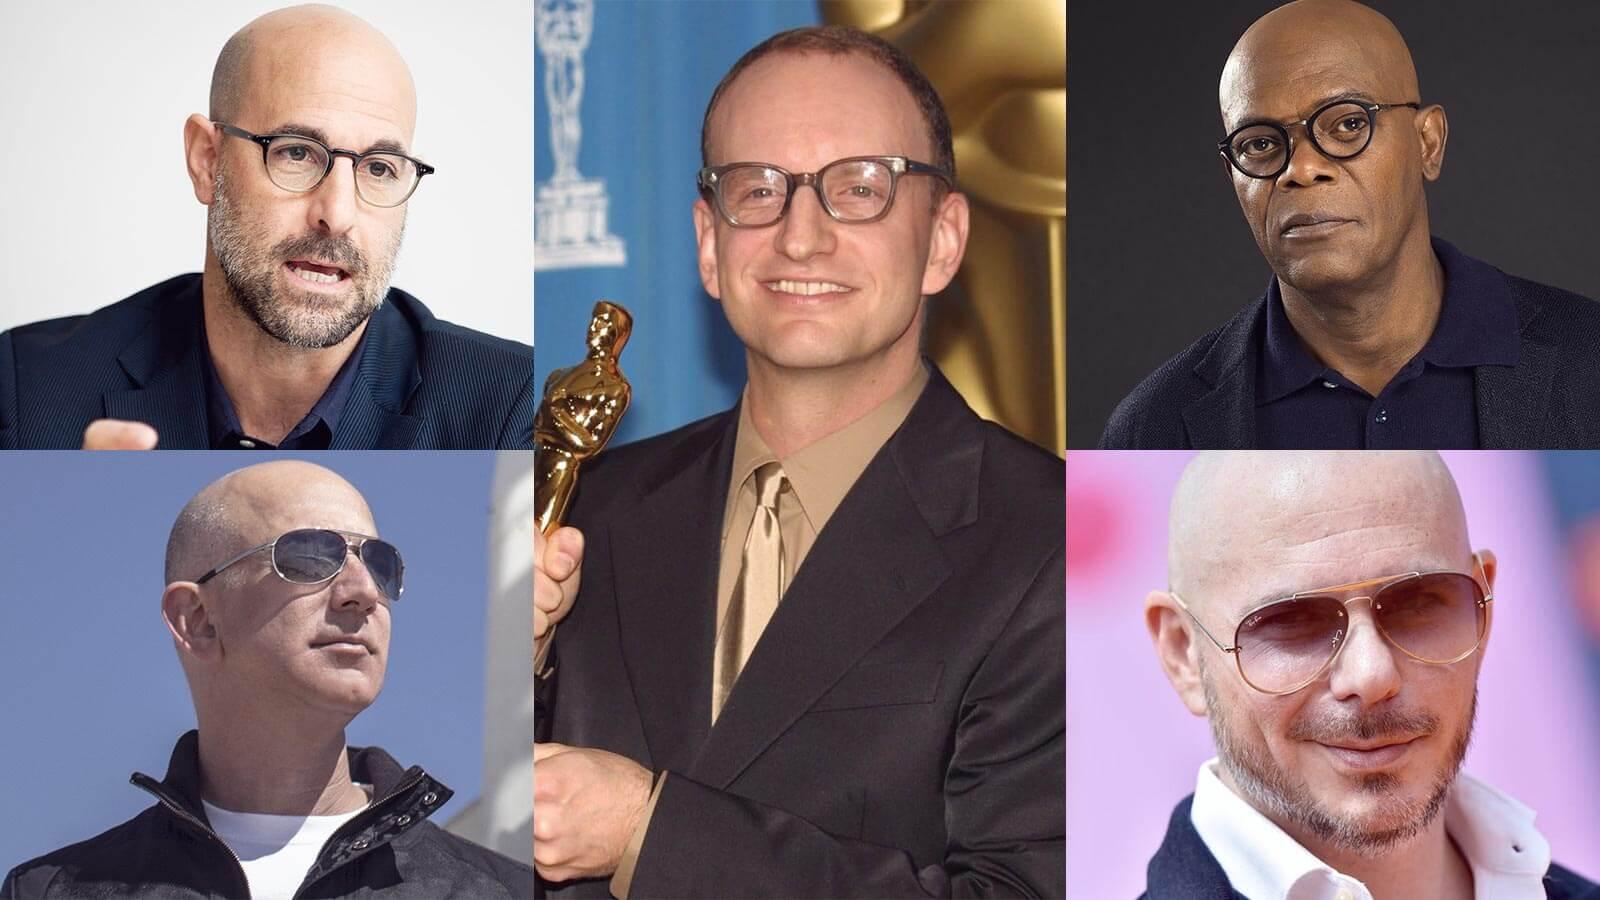 Eyewear for bald men